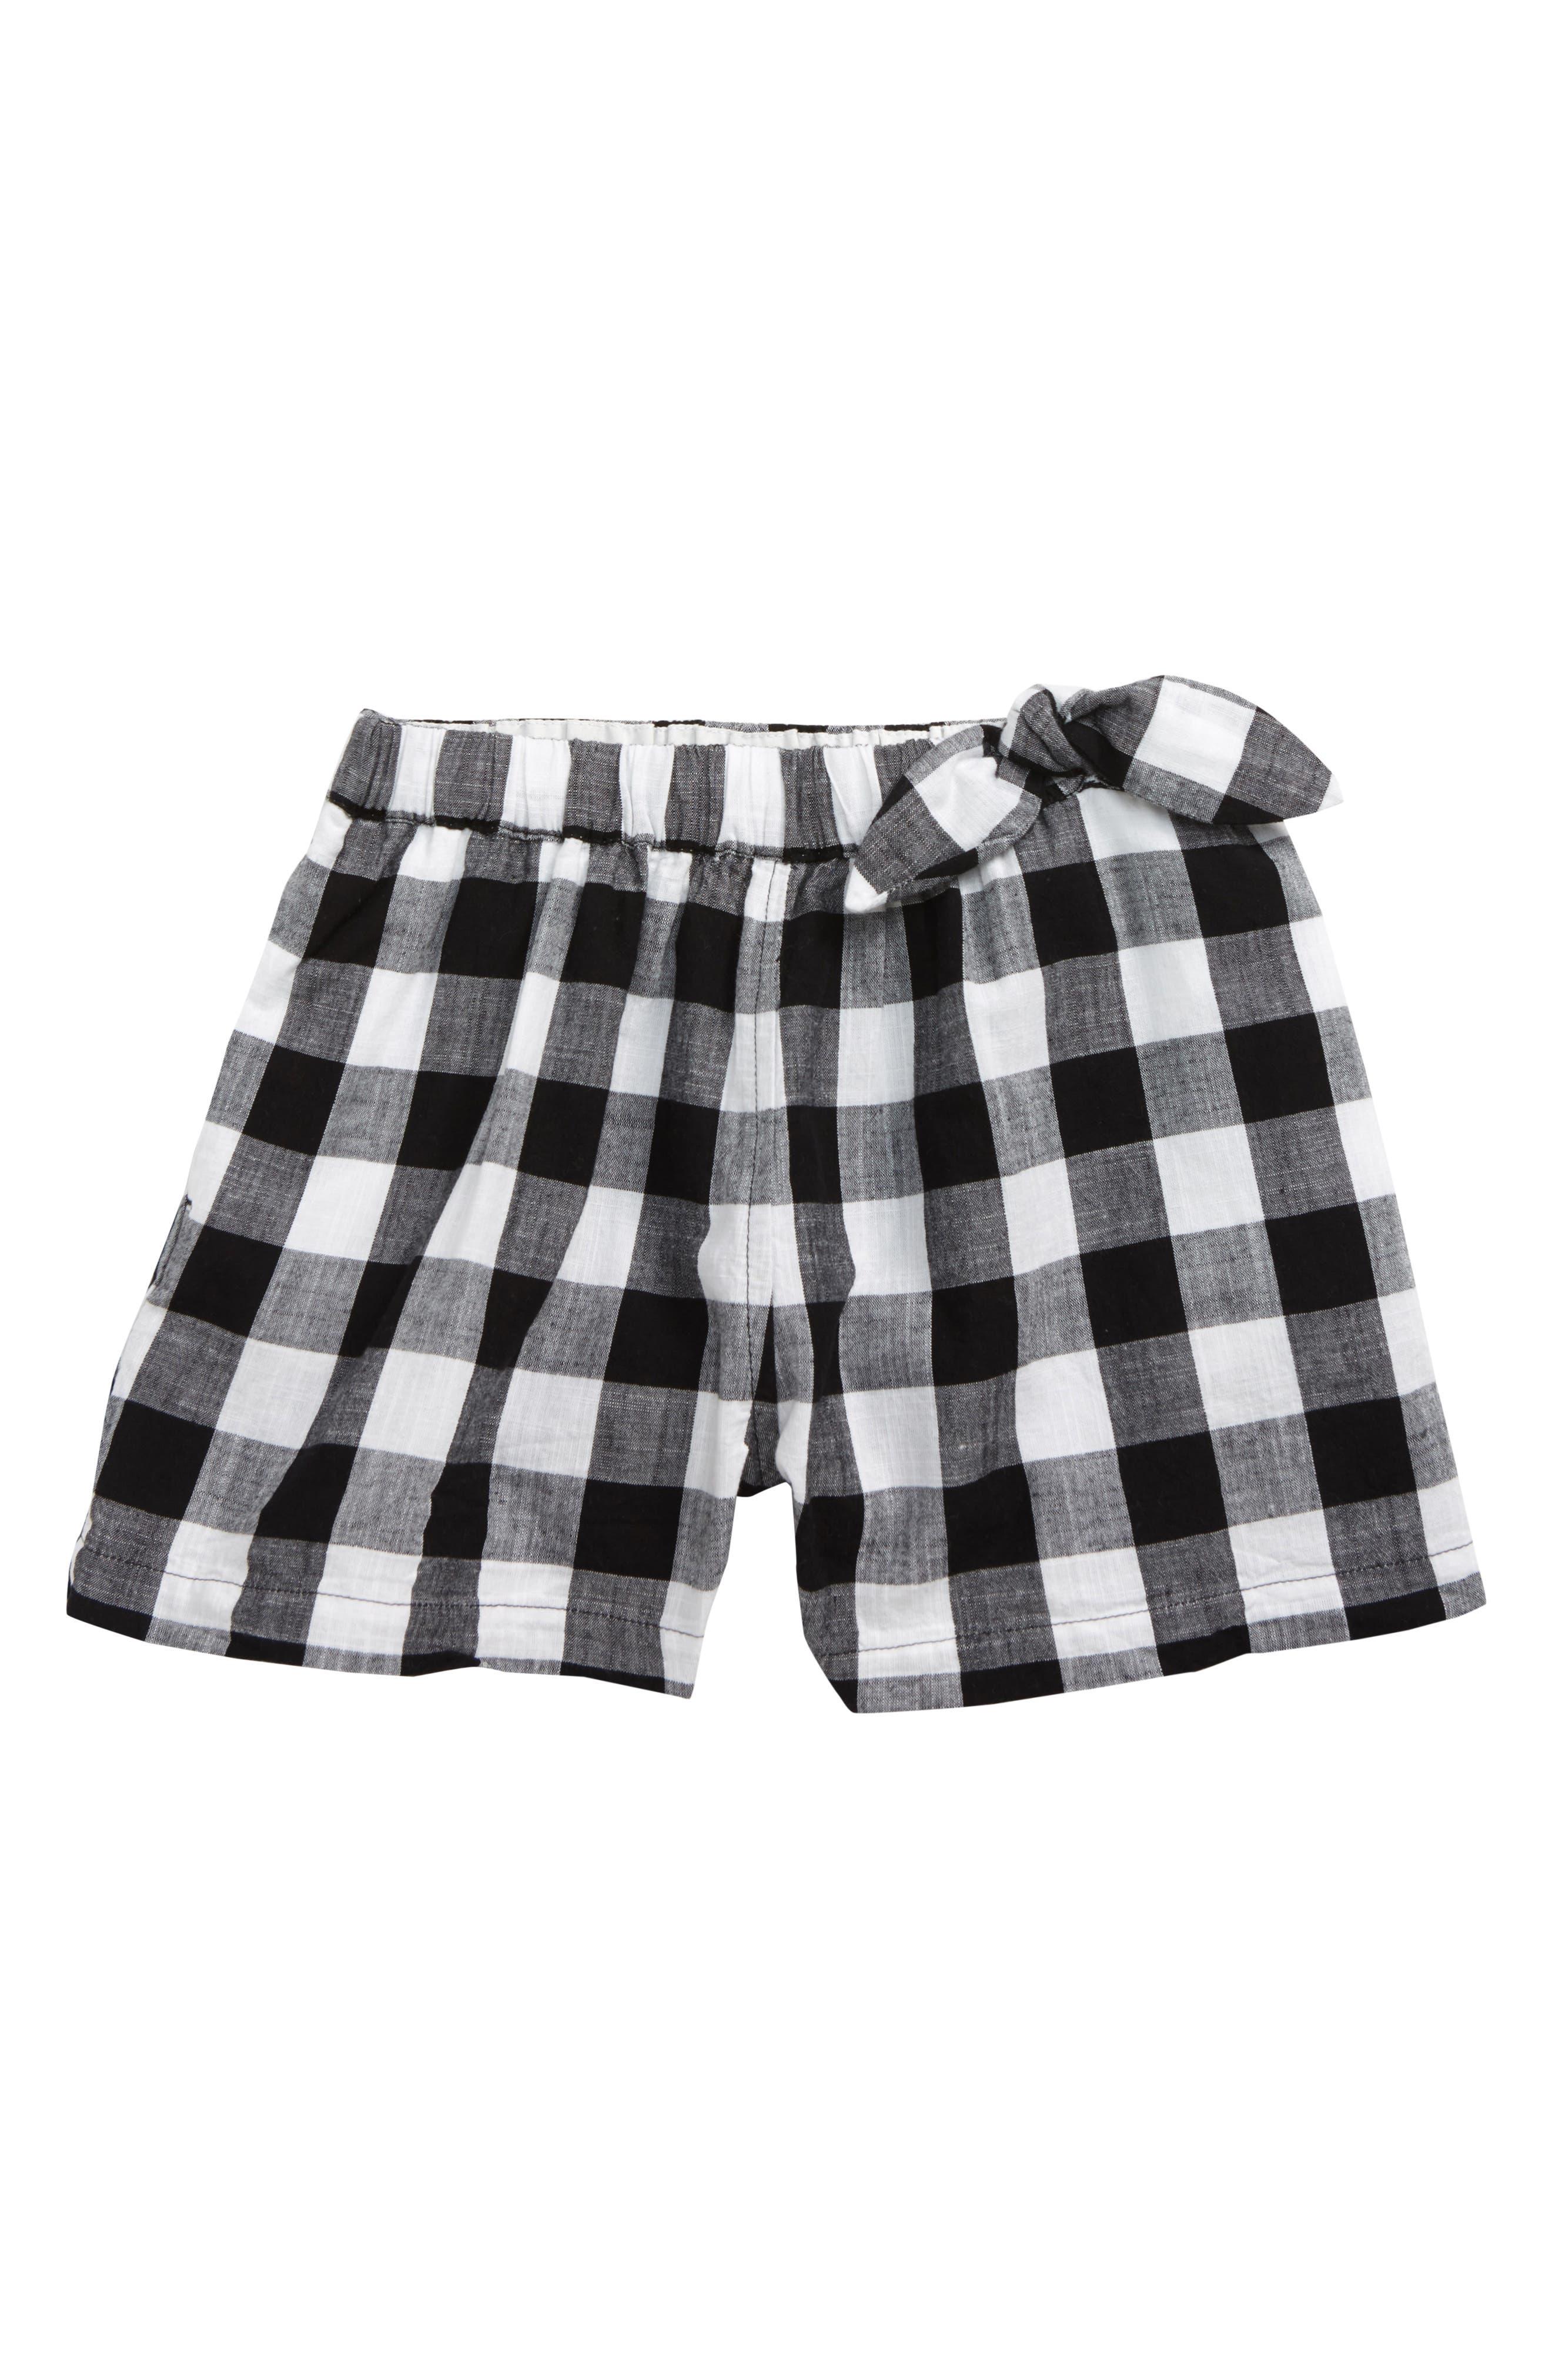 Girls Crewcuts By Jcrew Buffalo Check PullOn Shorts Size 14  White